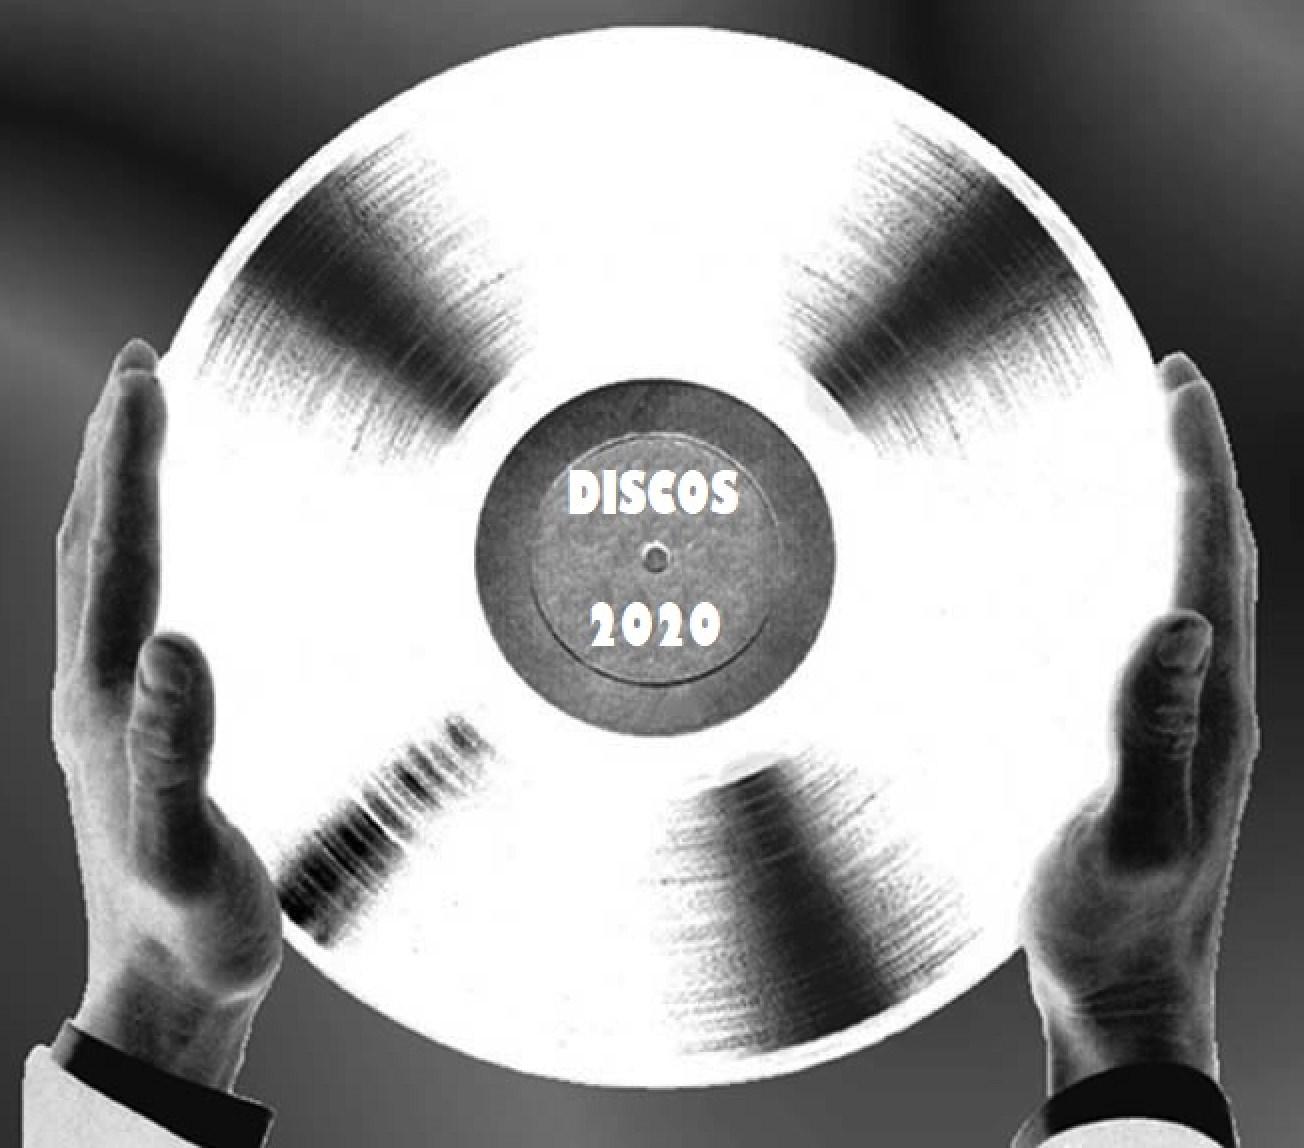 75 recomendables discos